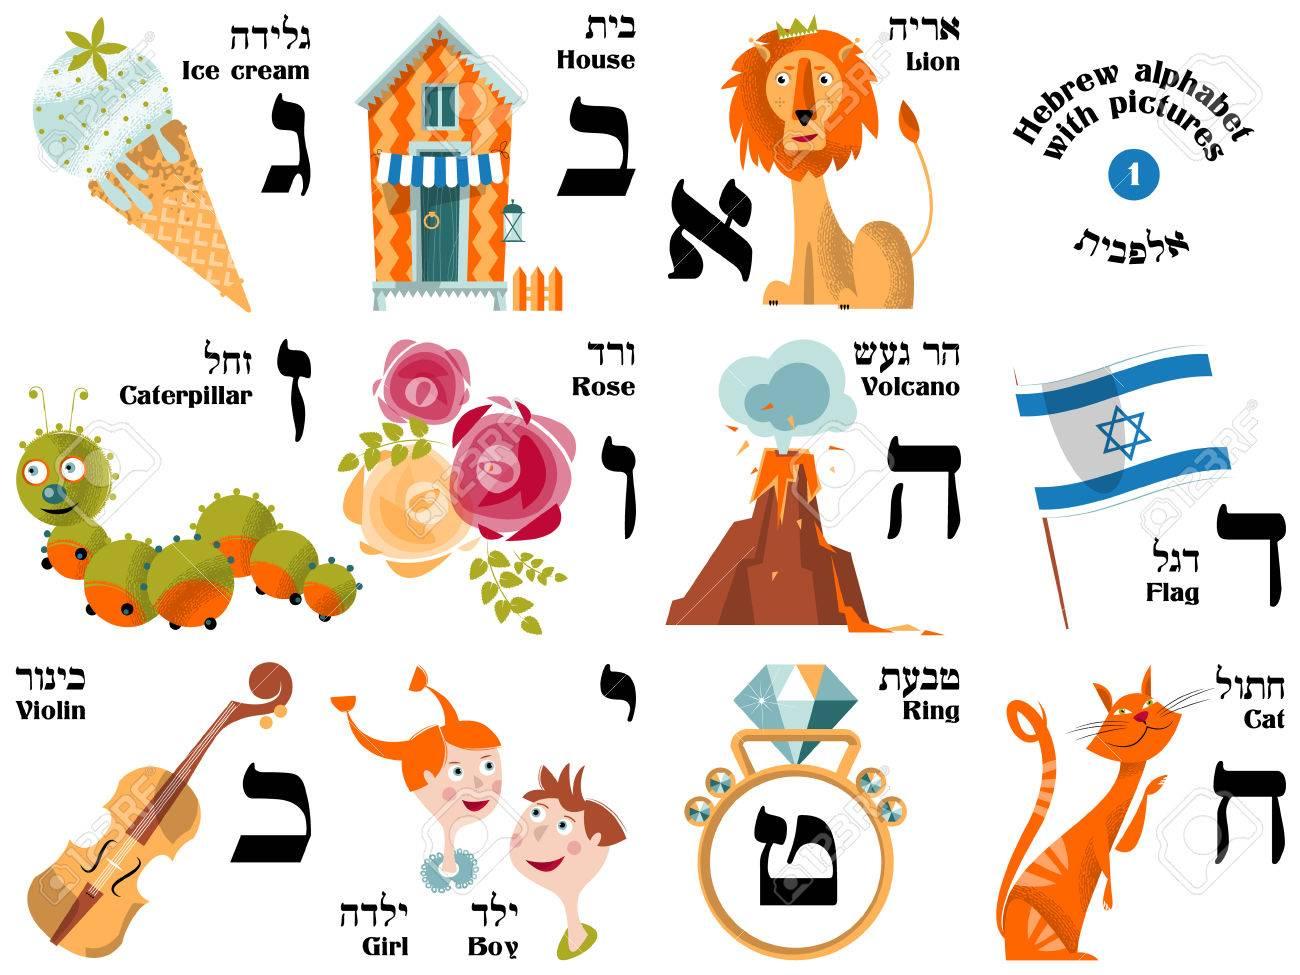 Hebräische Alphabet Mit Bildern Für Kinder. Set 1.Vector ...